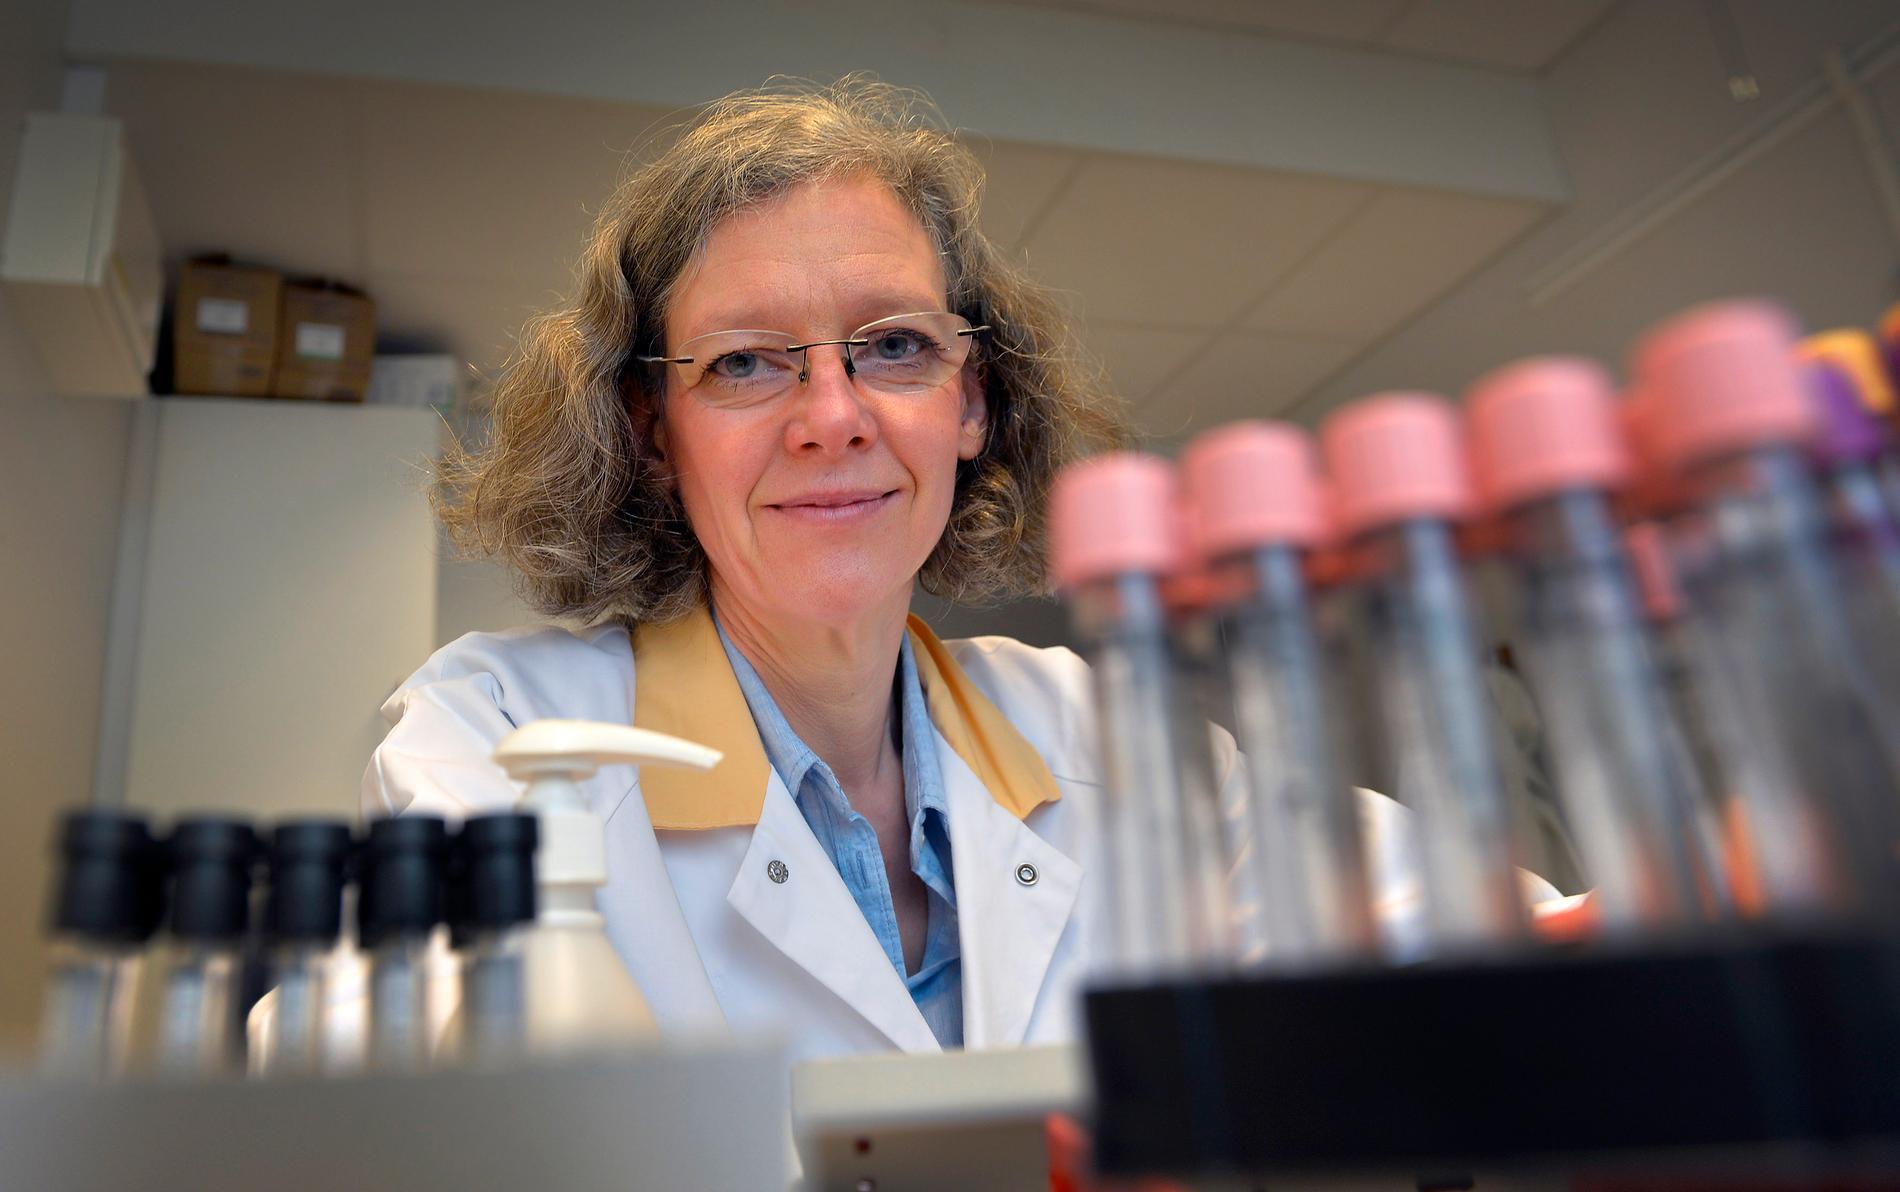 Ingrid Larsson, näringsfysiolog och docent vid Sahlgrenska akademin.